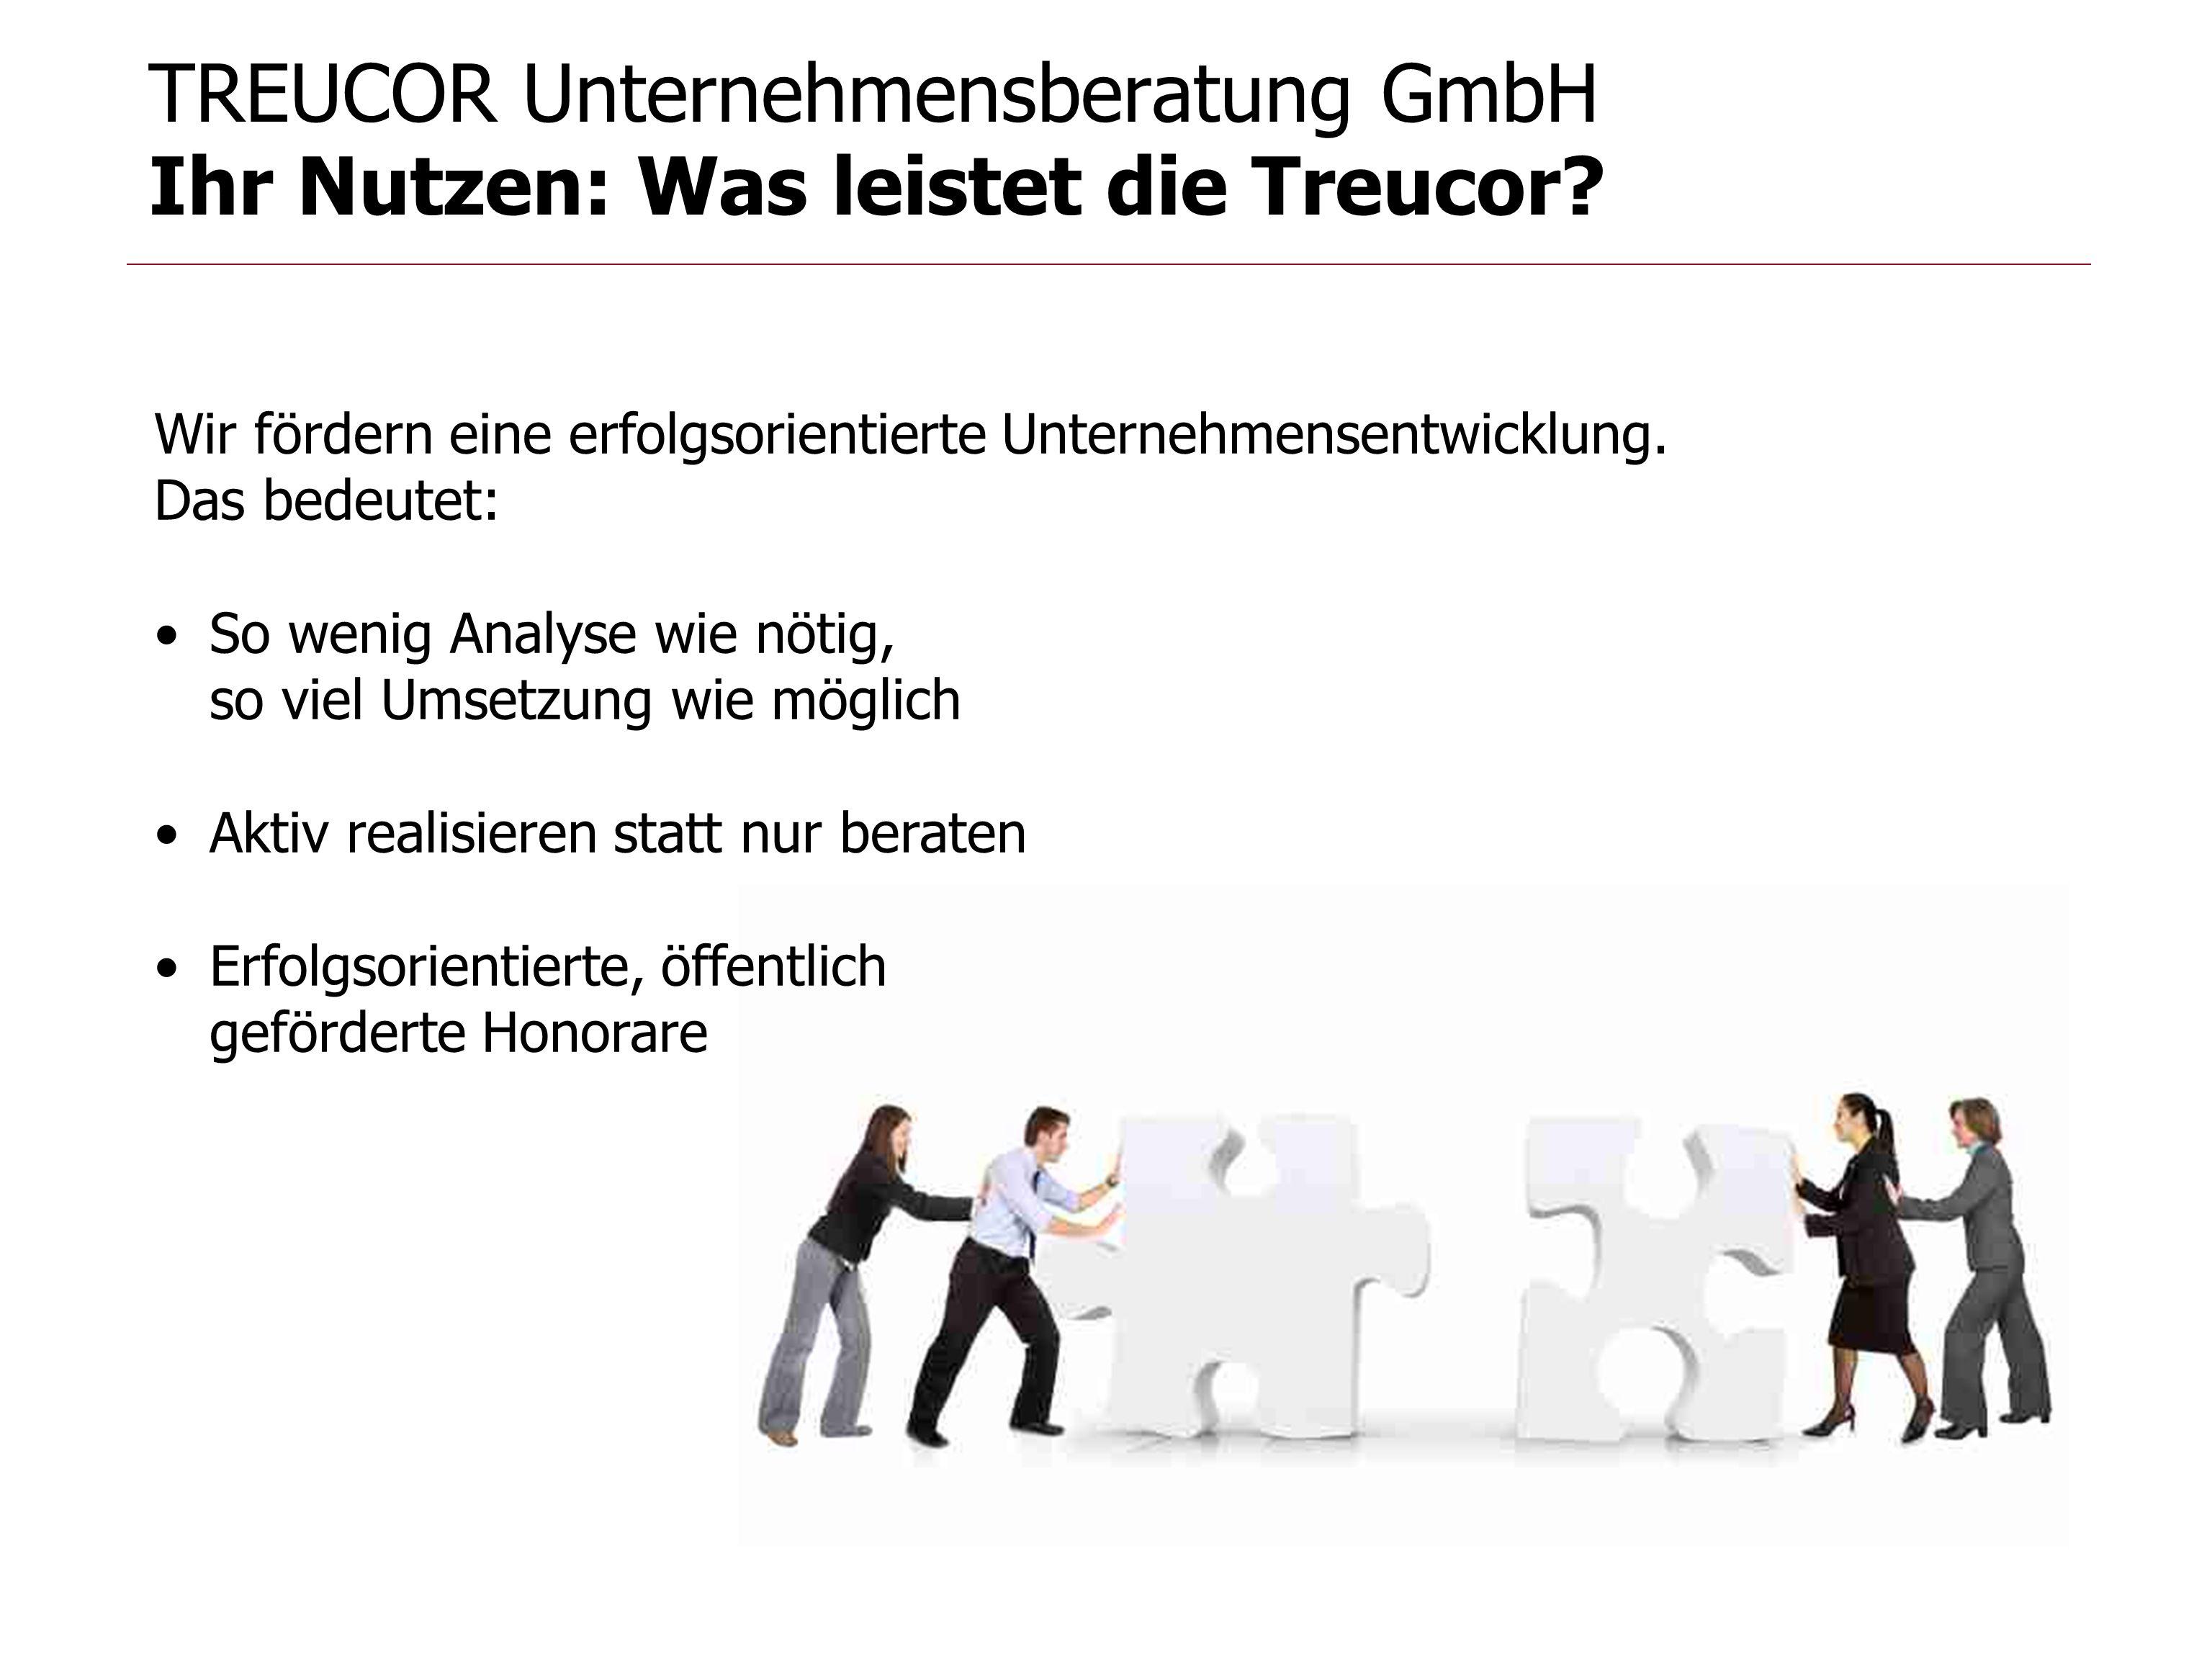 Die Treucor ist eine systemisch arbeitende Unternehmensberatung.